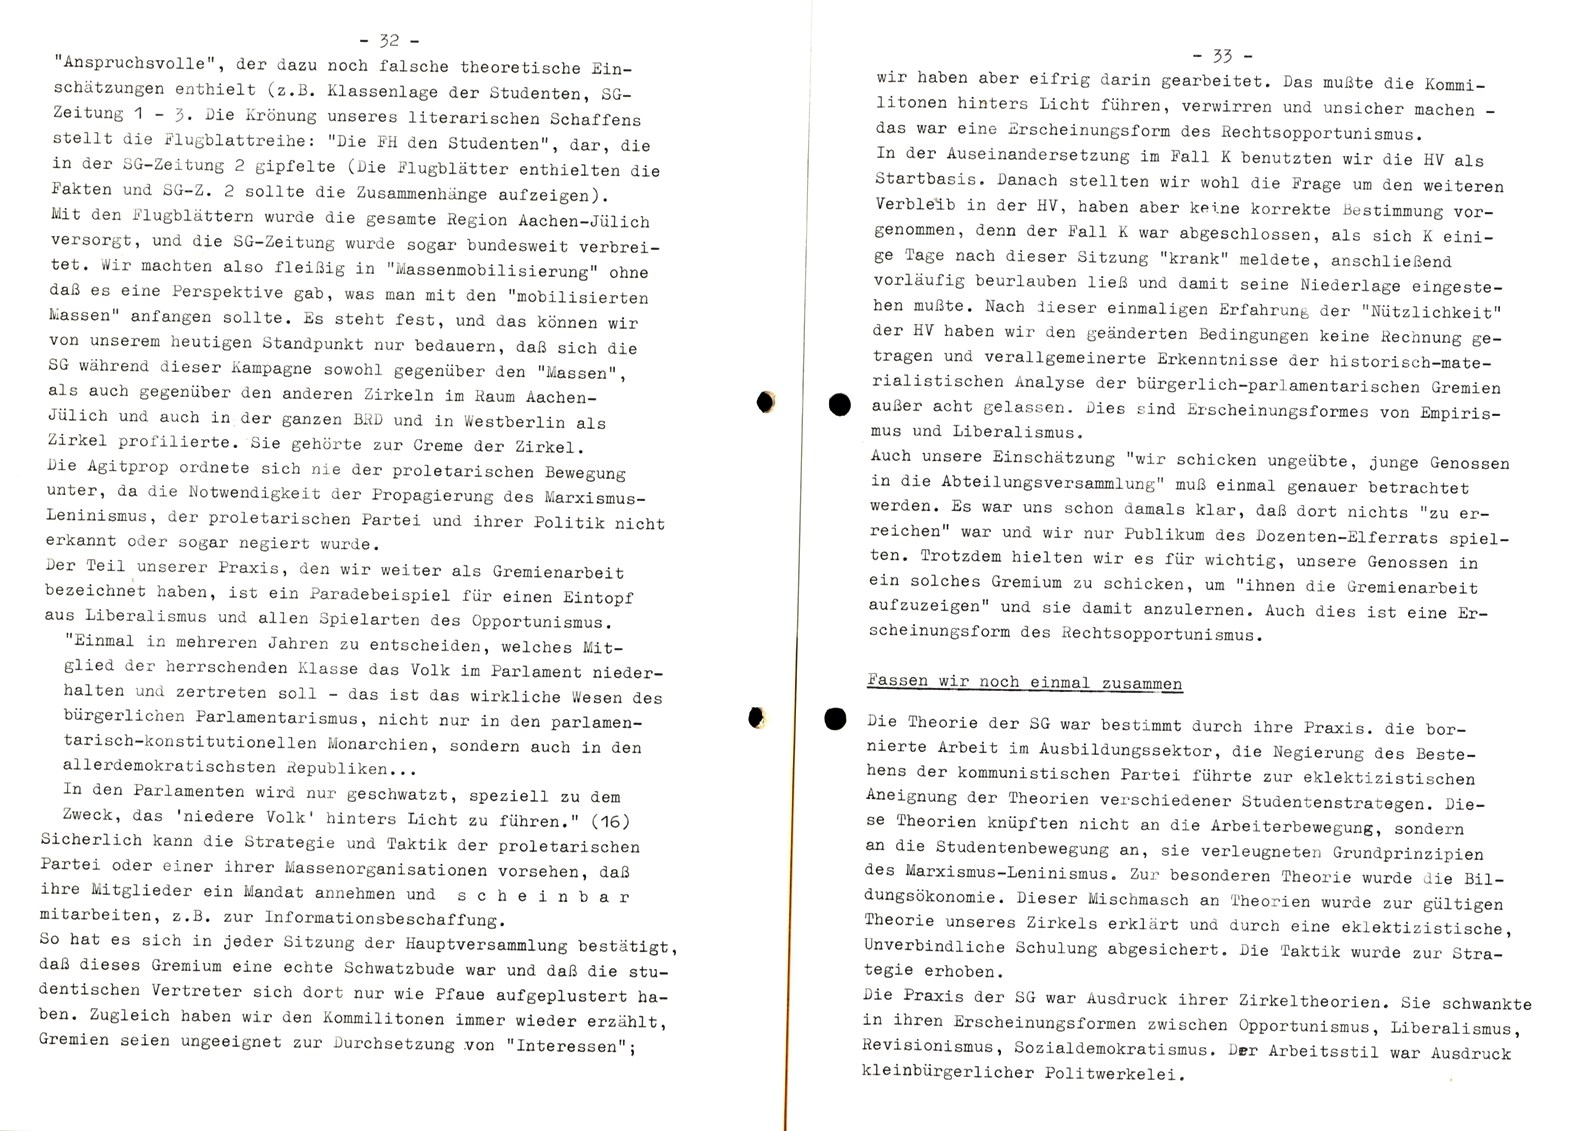 Aachen_KSBML_1971_Selbstkritik_18